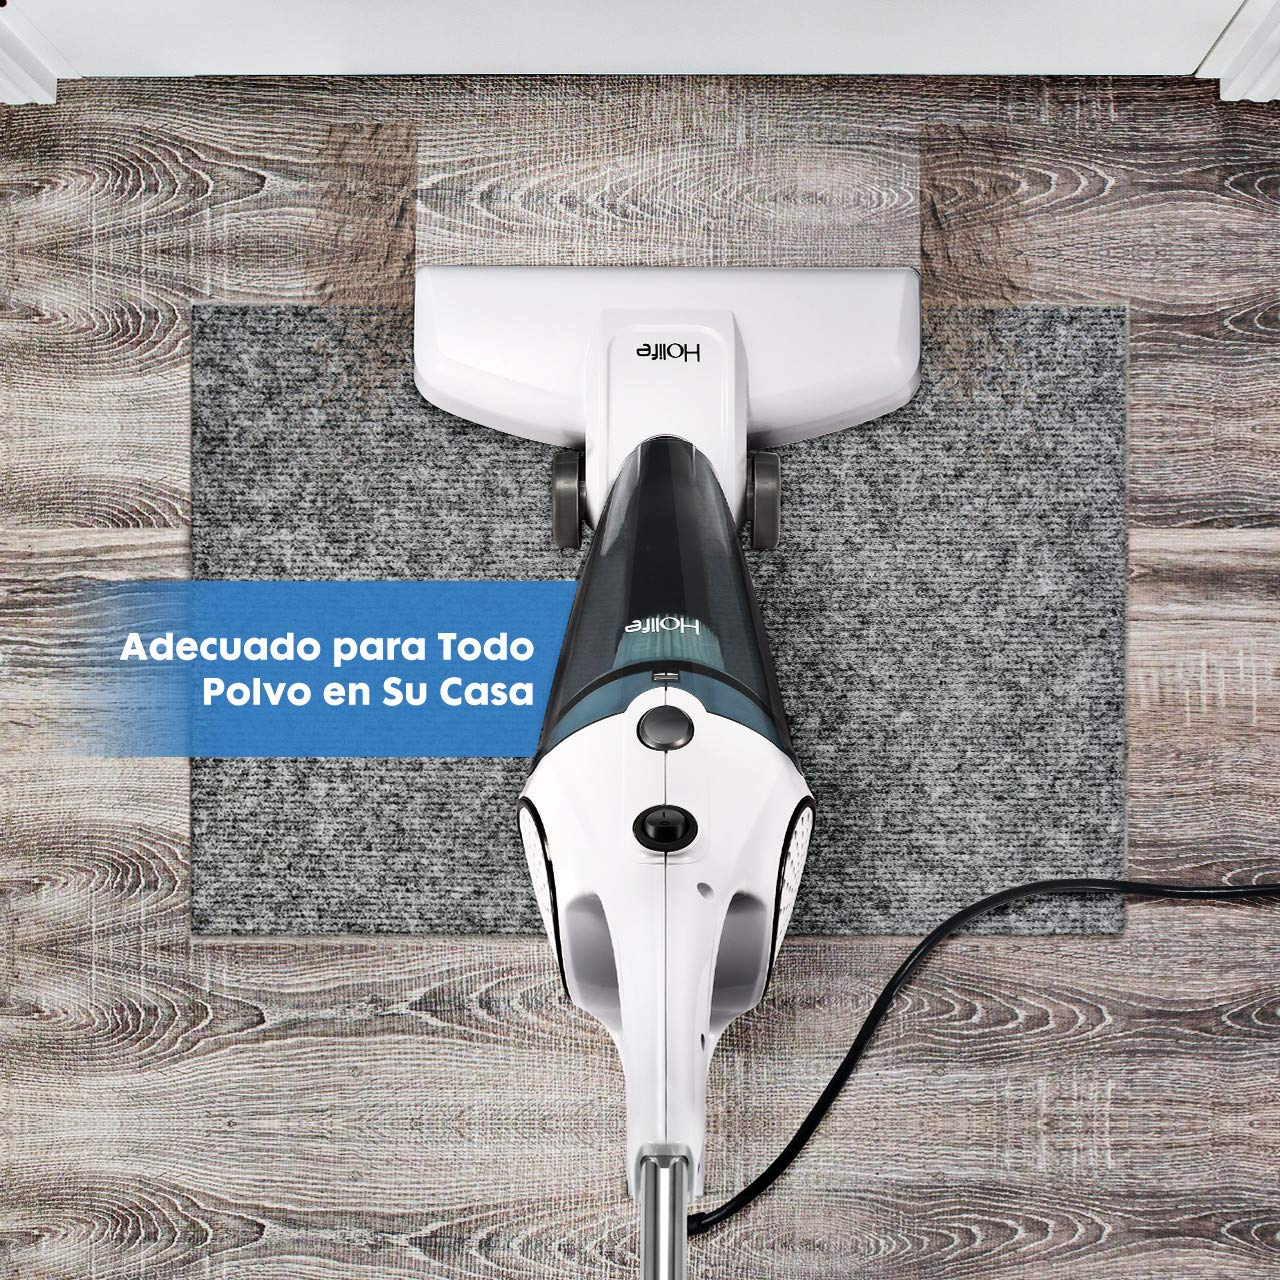 Holife Aspiradora Escoba, Aspirador Vertical & de Mano 2 en 1 [2018 Nuevo], Potencia de 12Kpa 600W, con Cable 3.9m, Aspirador de Pie con Filtro HEPA ...